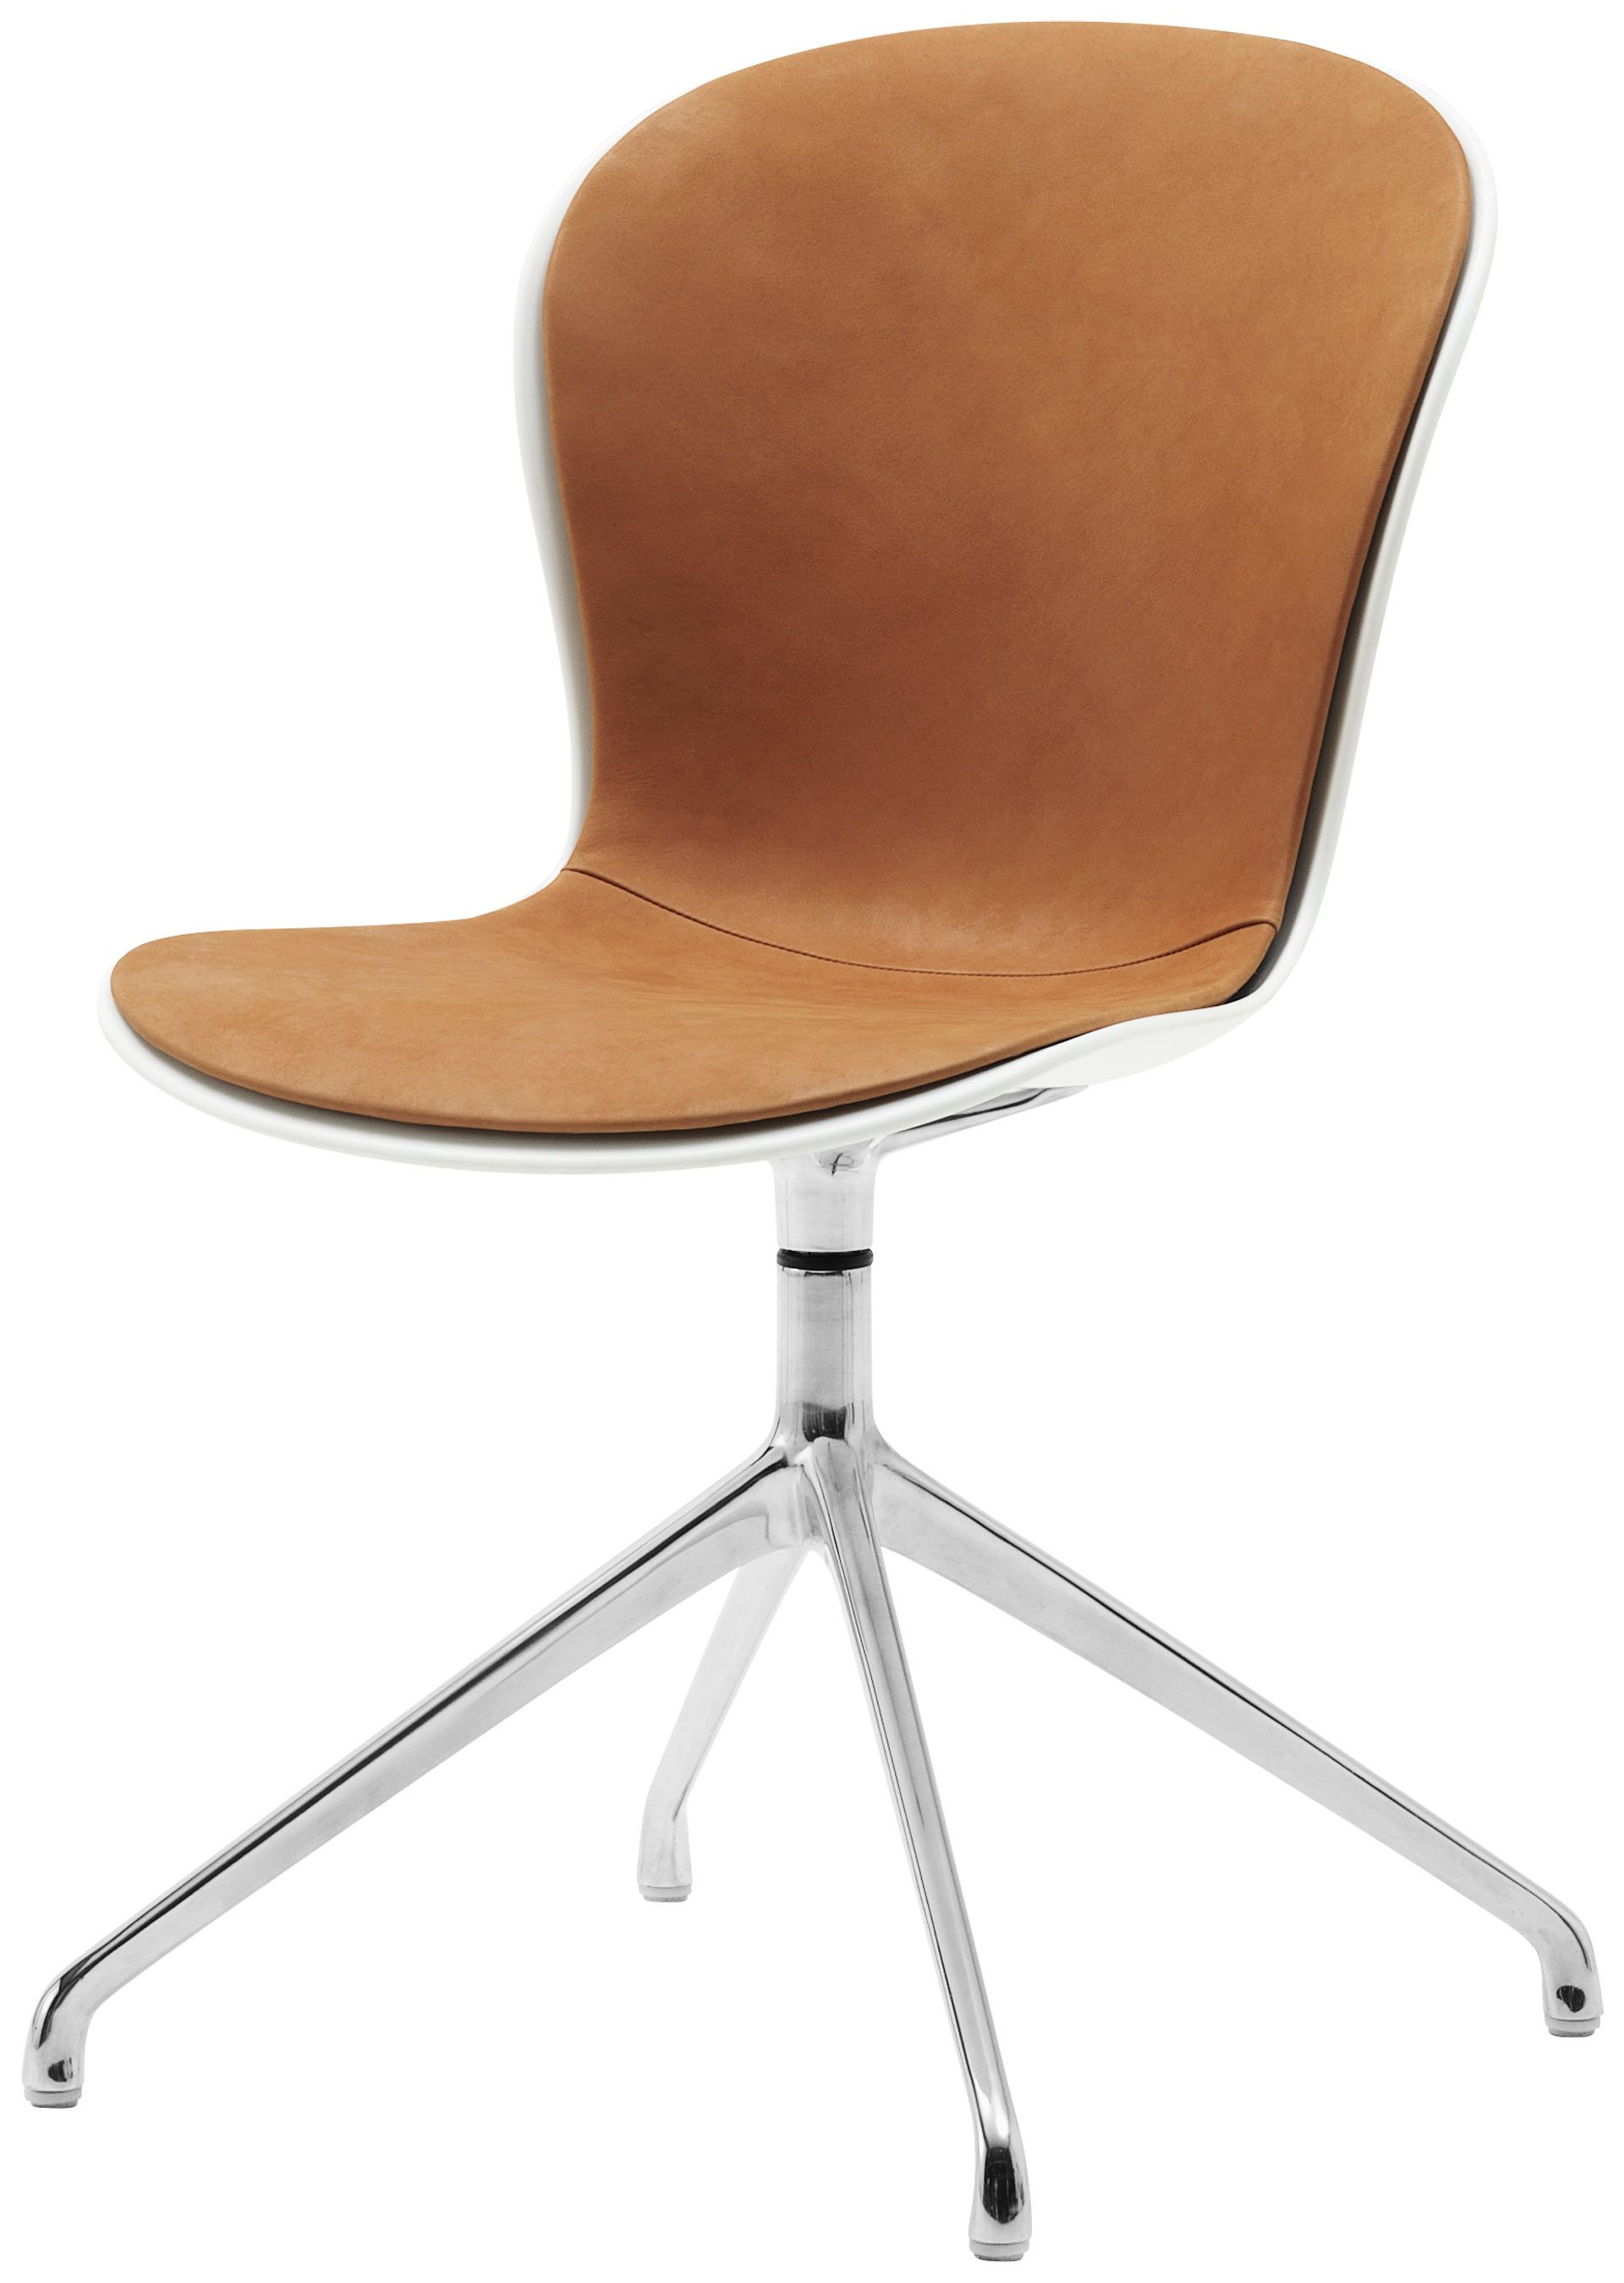 Moderna stolar   Kvalitet från BoConcept   Moderne esszimmerstühle, Moderne stühle, Stühle